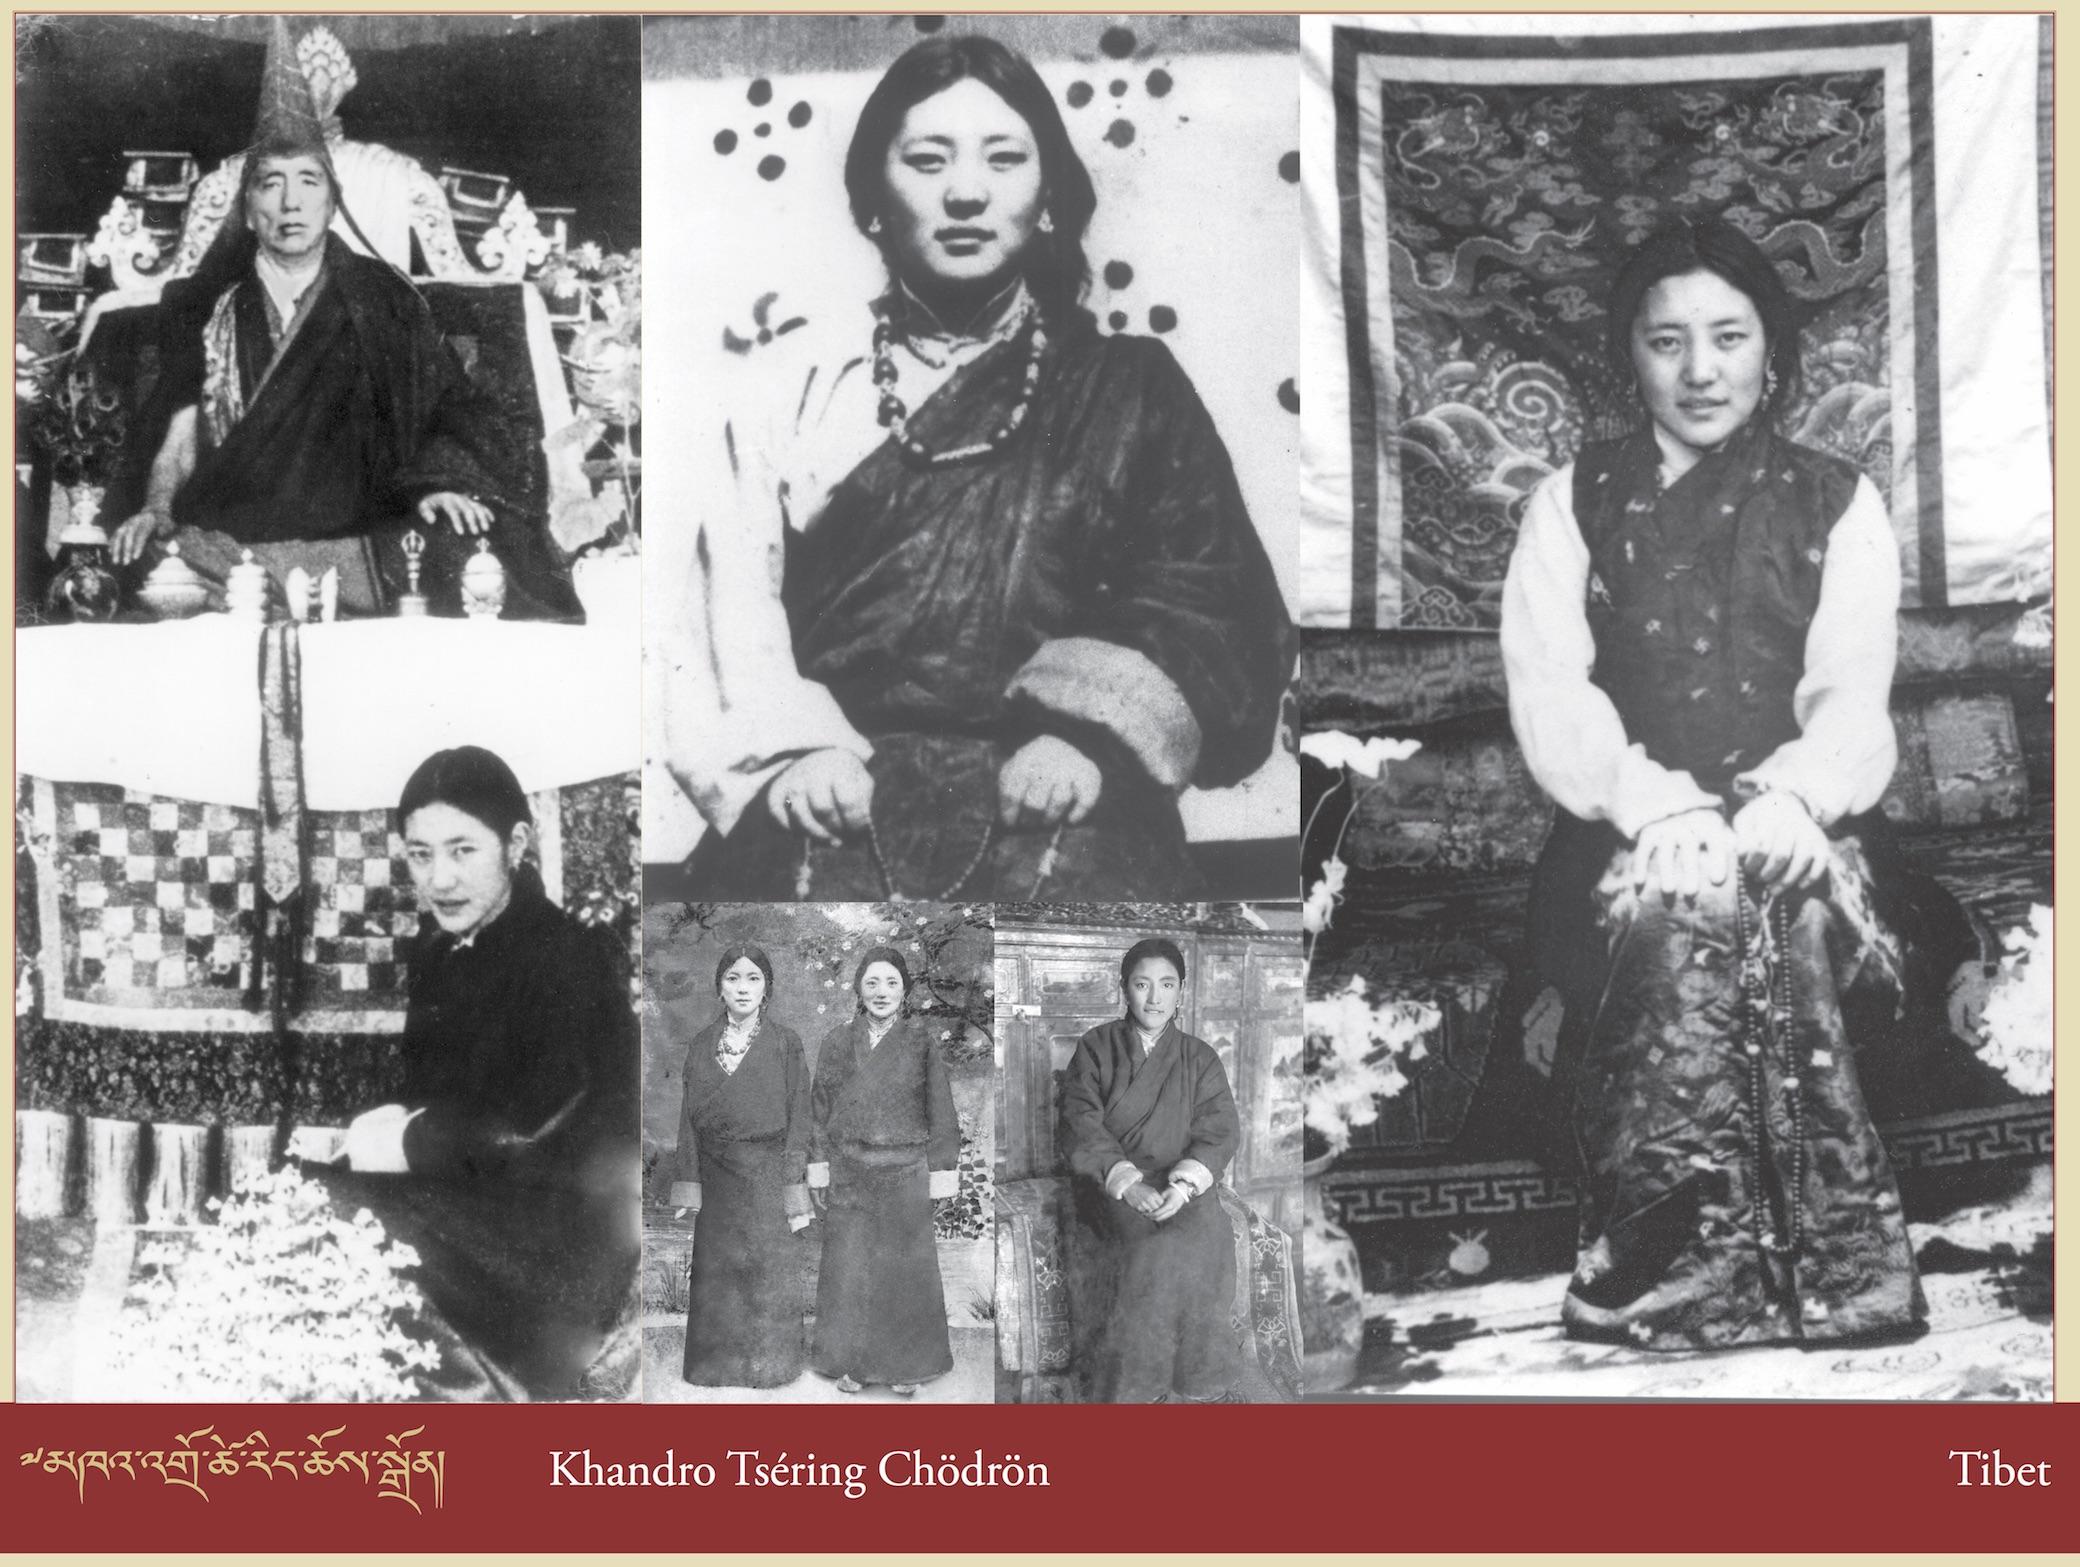 Khandro Tséring Chödrön - Tibet